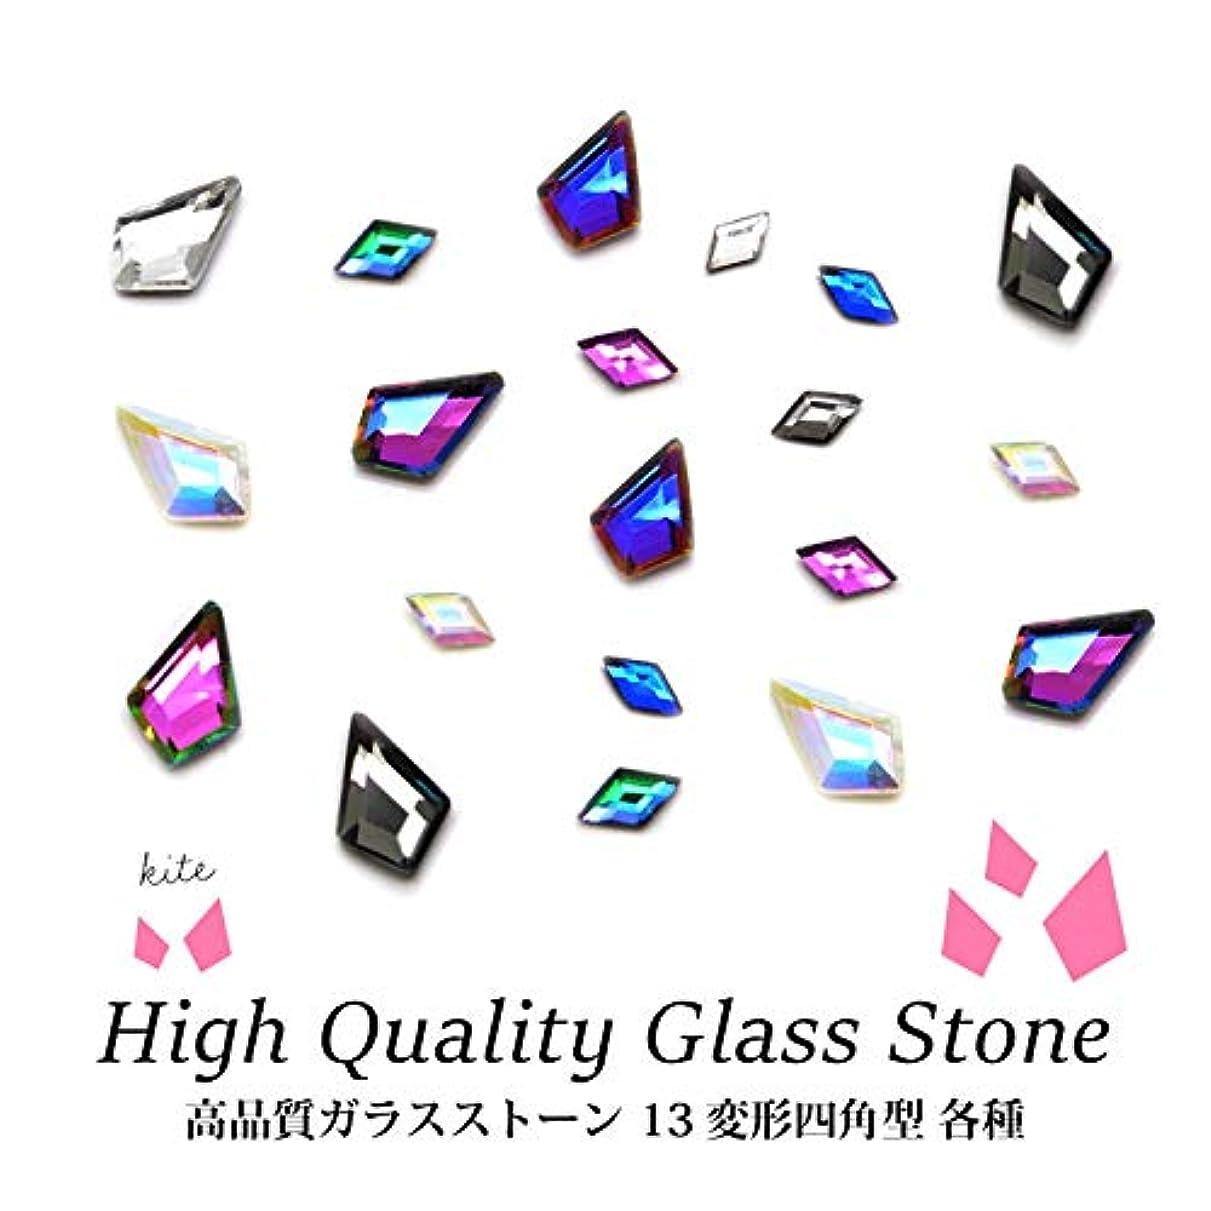 極小悪魔混乱高品質ガラスストーン 13 変形四角型 各種 5個入り (4.ローズシャイン)